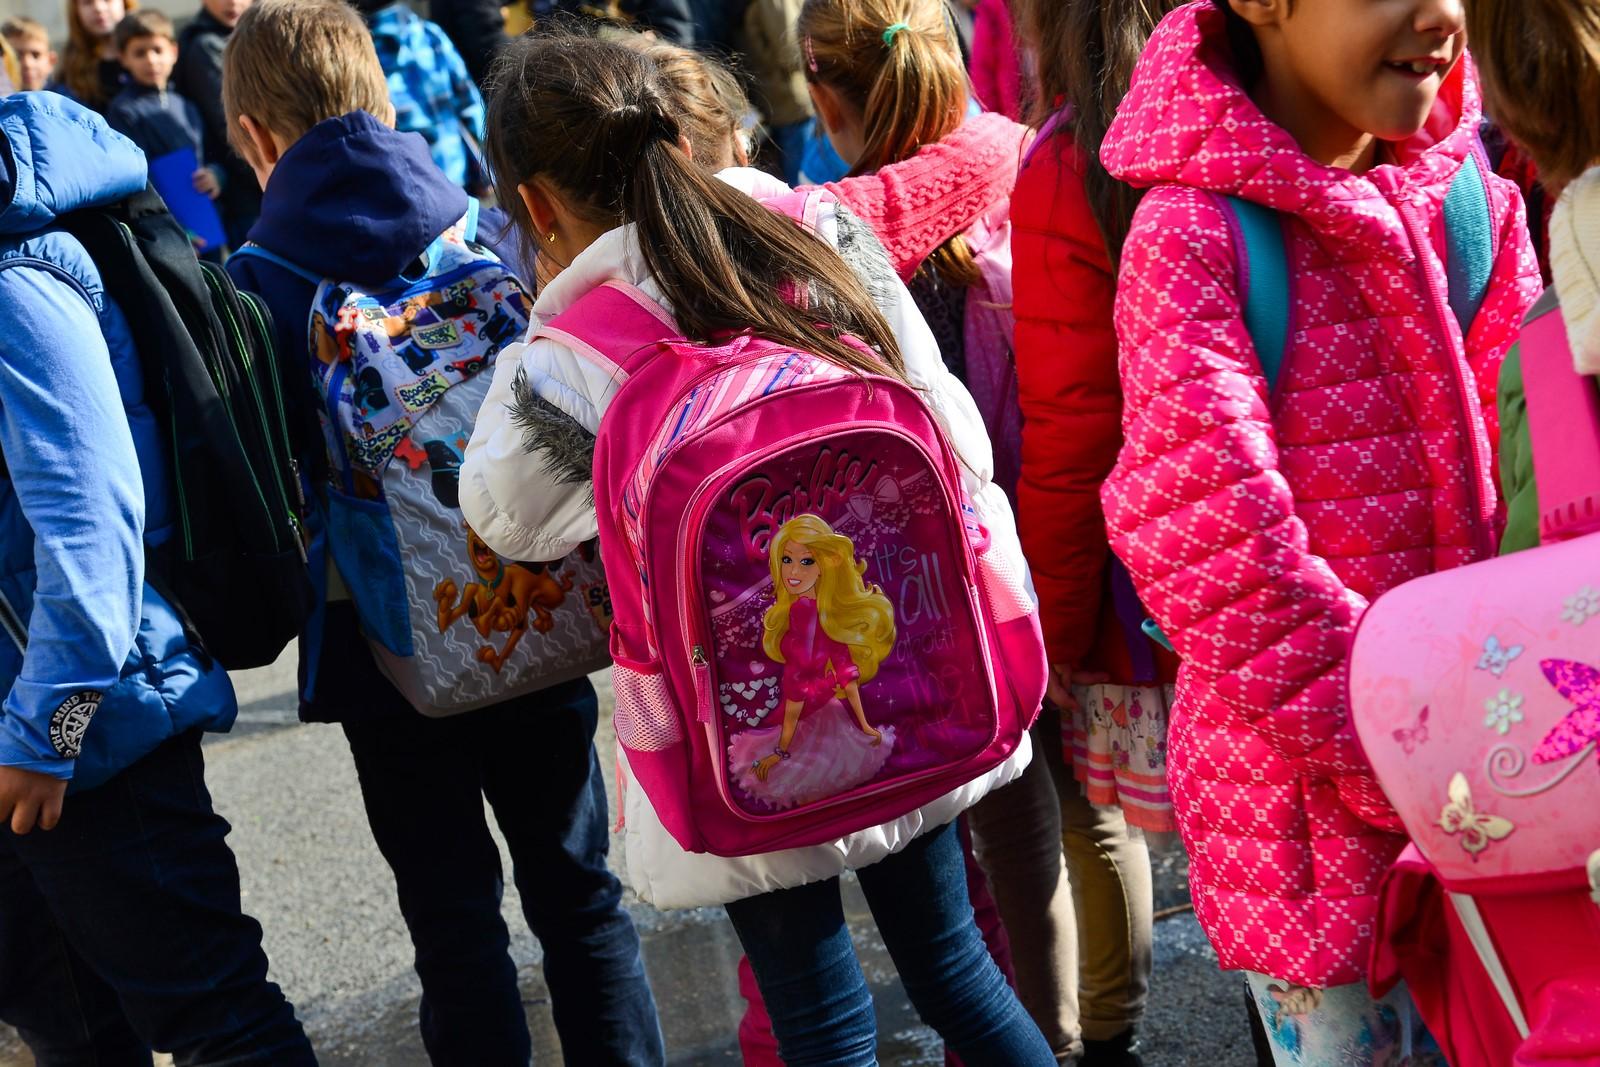 Înscrieri în clasa pregătitoare: copiii sunt repartizați în ordine alfabetică, iar învățătorii, trași la sorți